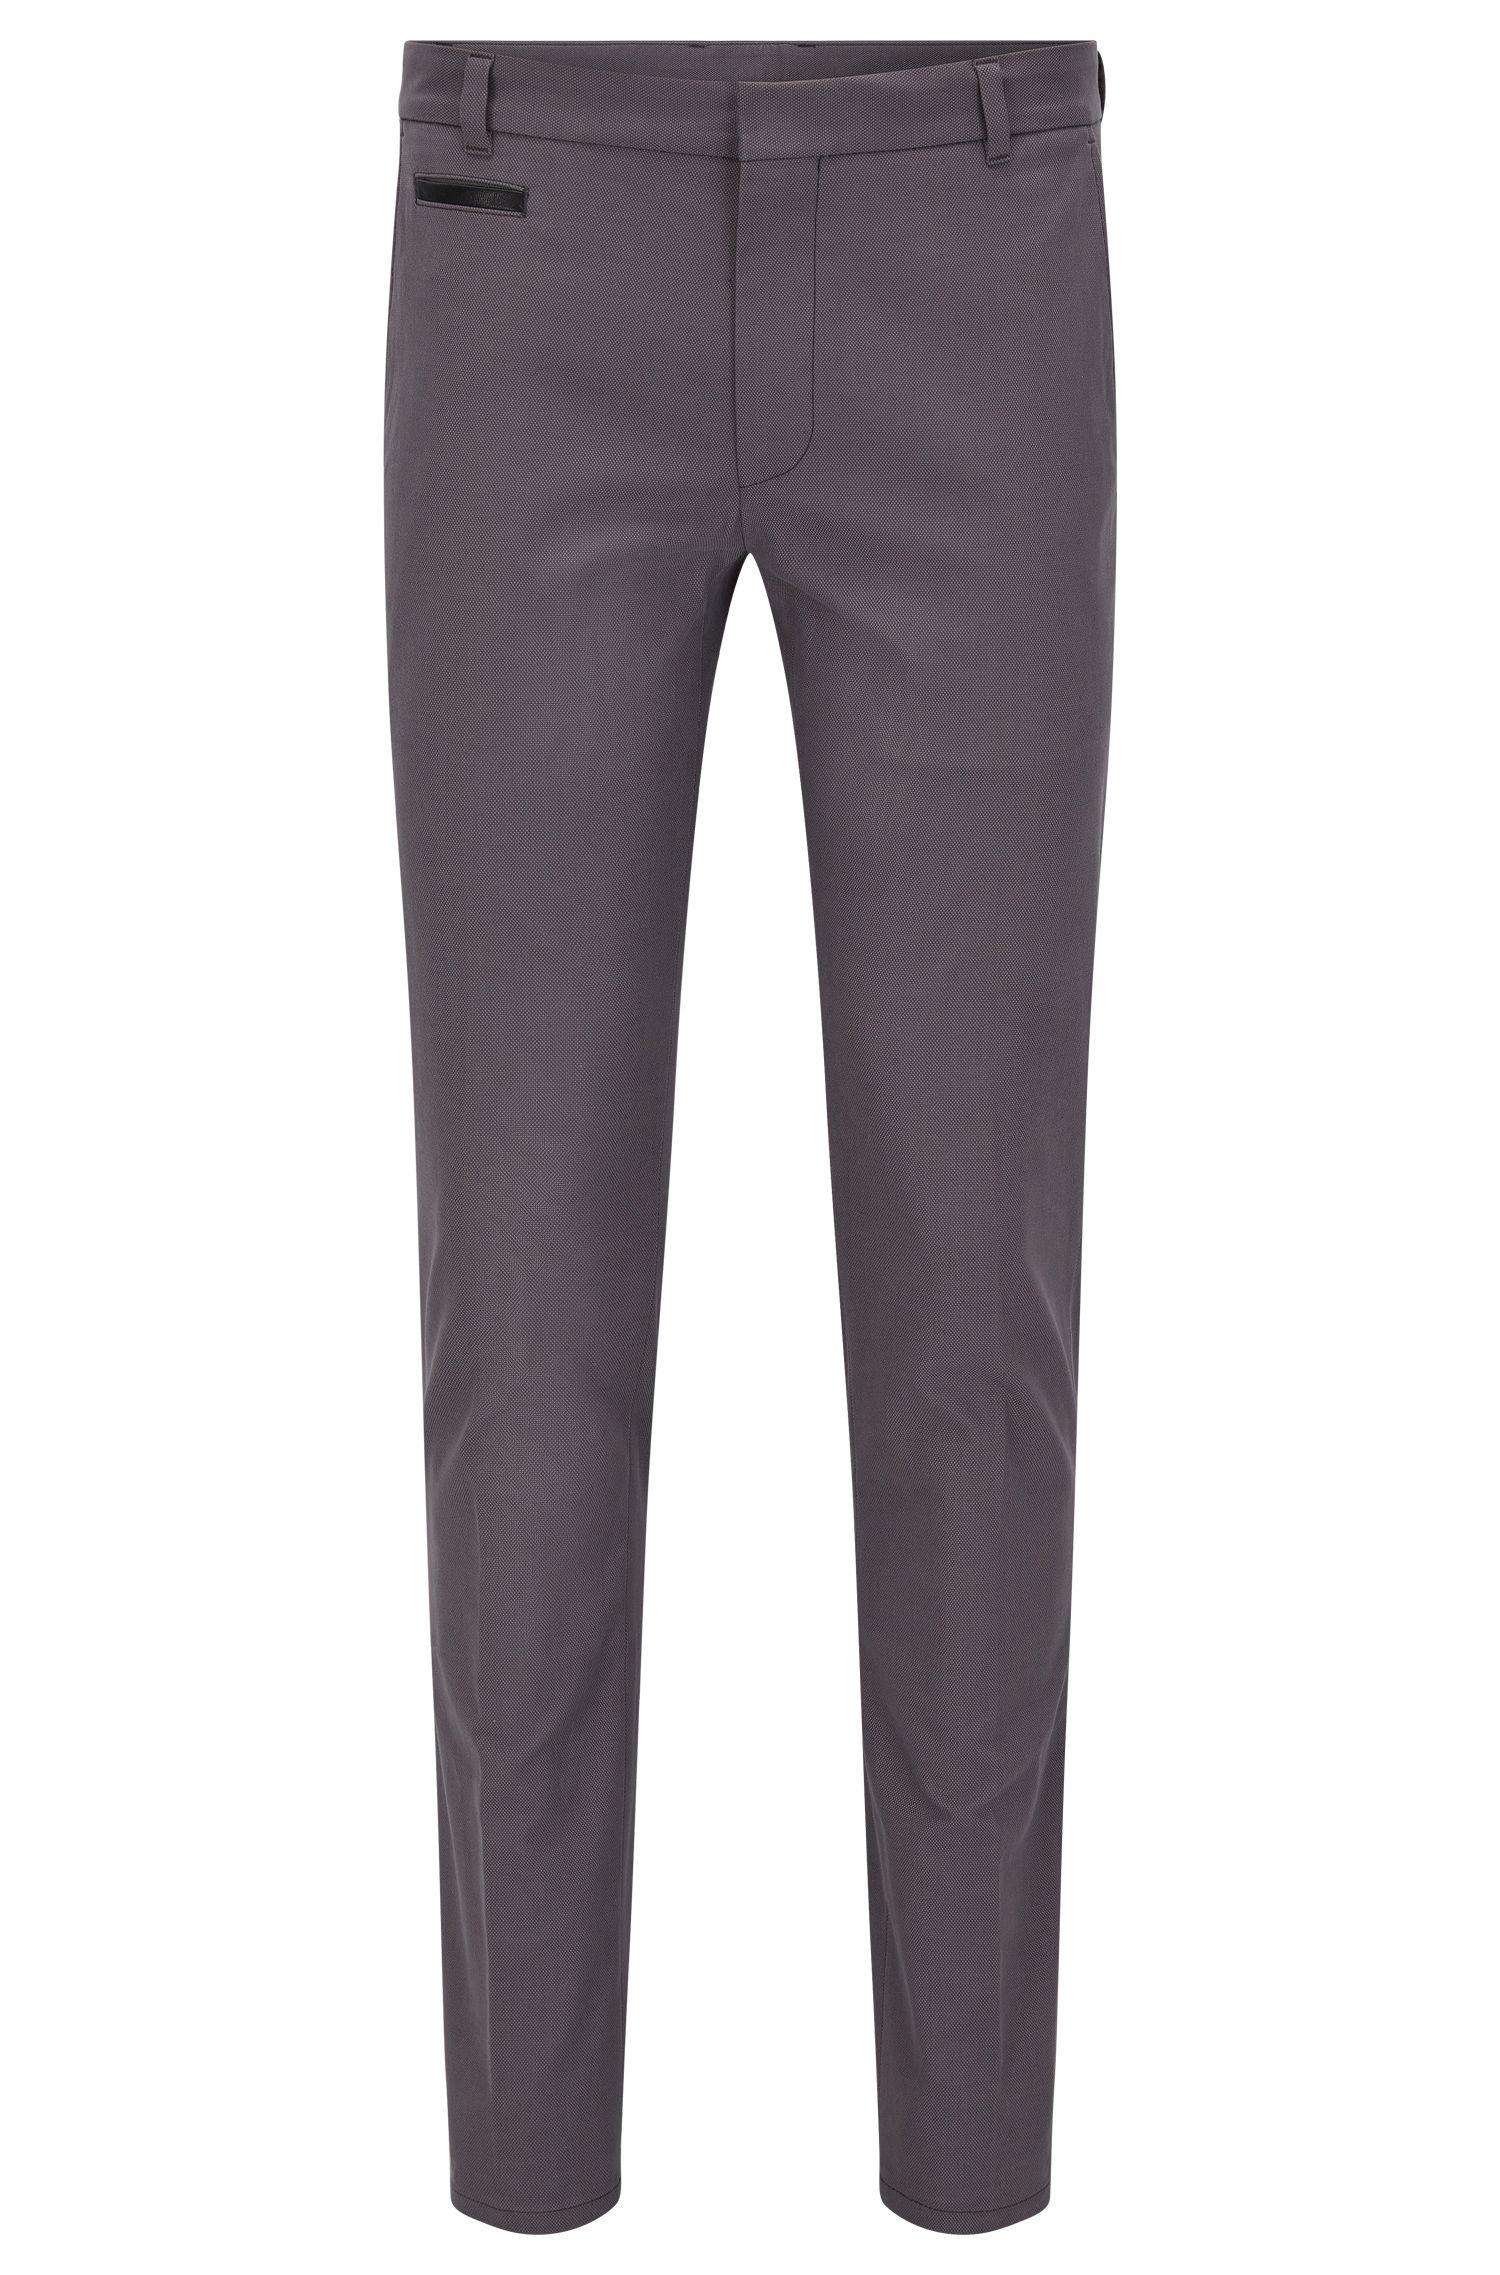 Pantalón extra slim fit en tejido de dos tonos